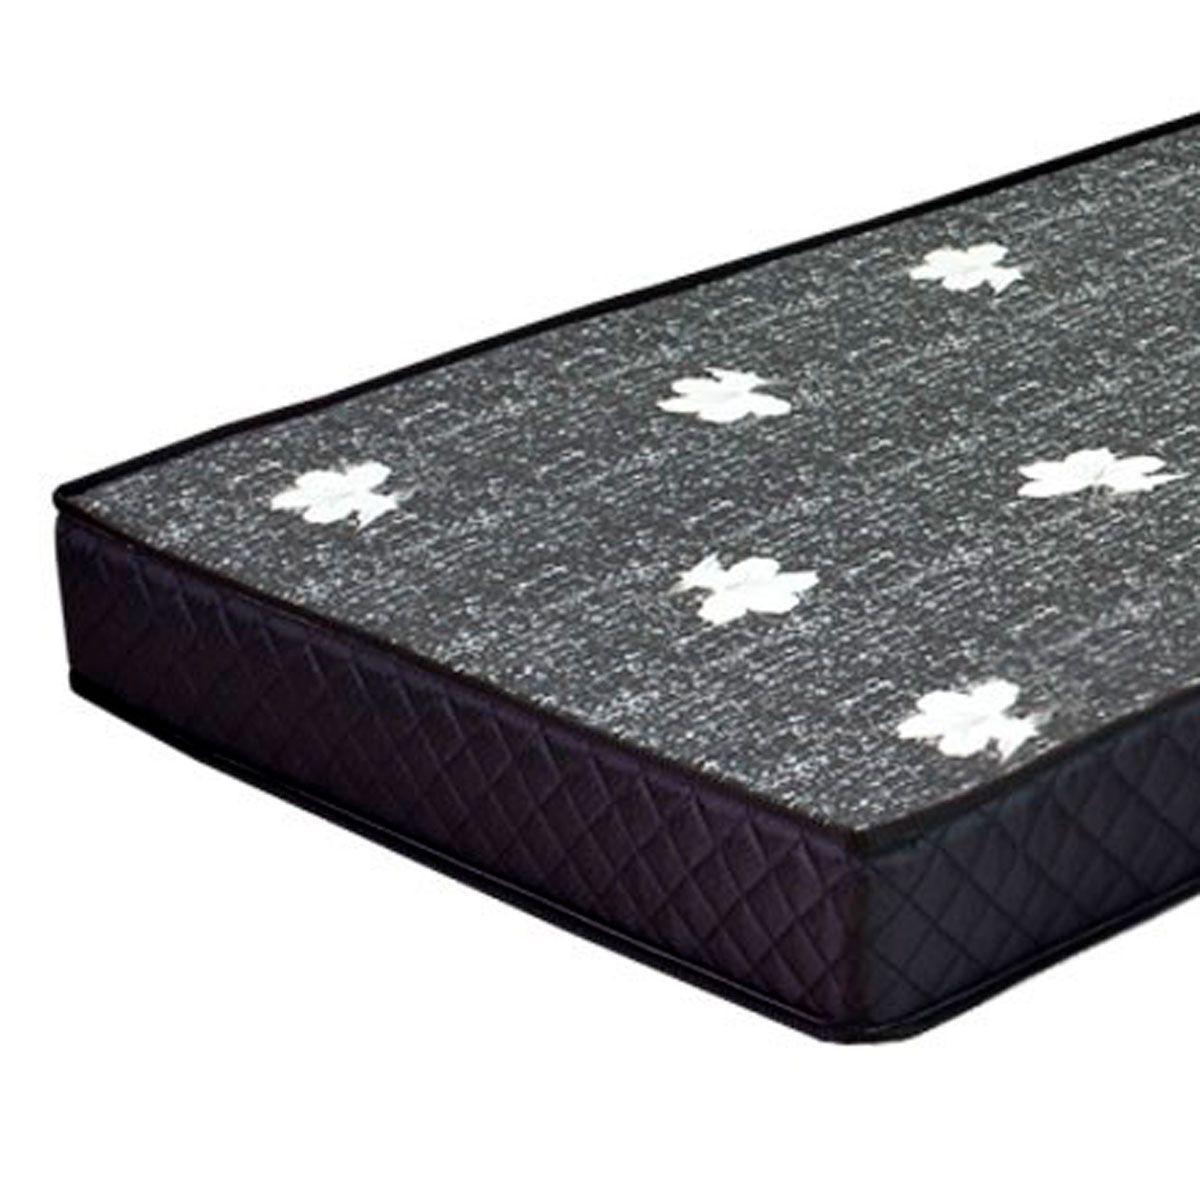 Colchão Prorelax Violeta Solteiro Espuma D20 88x188x12 Liso